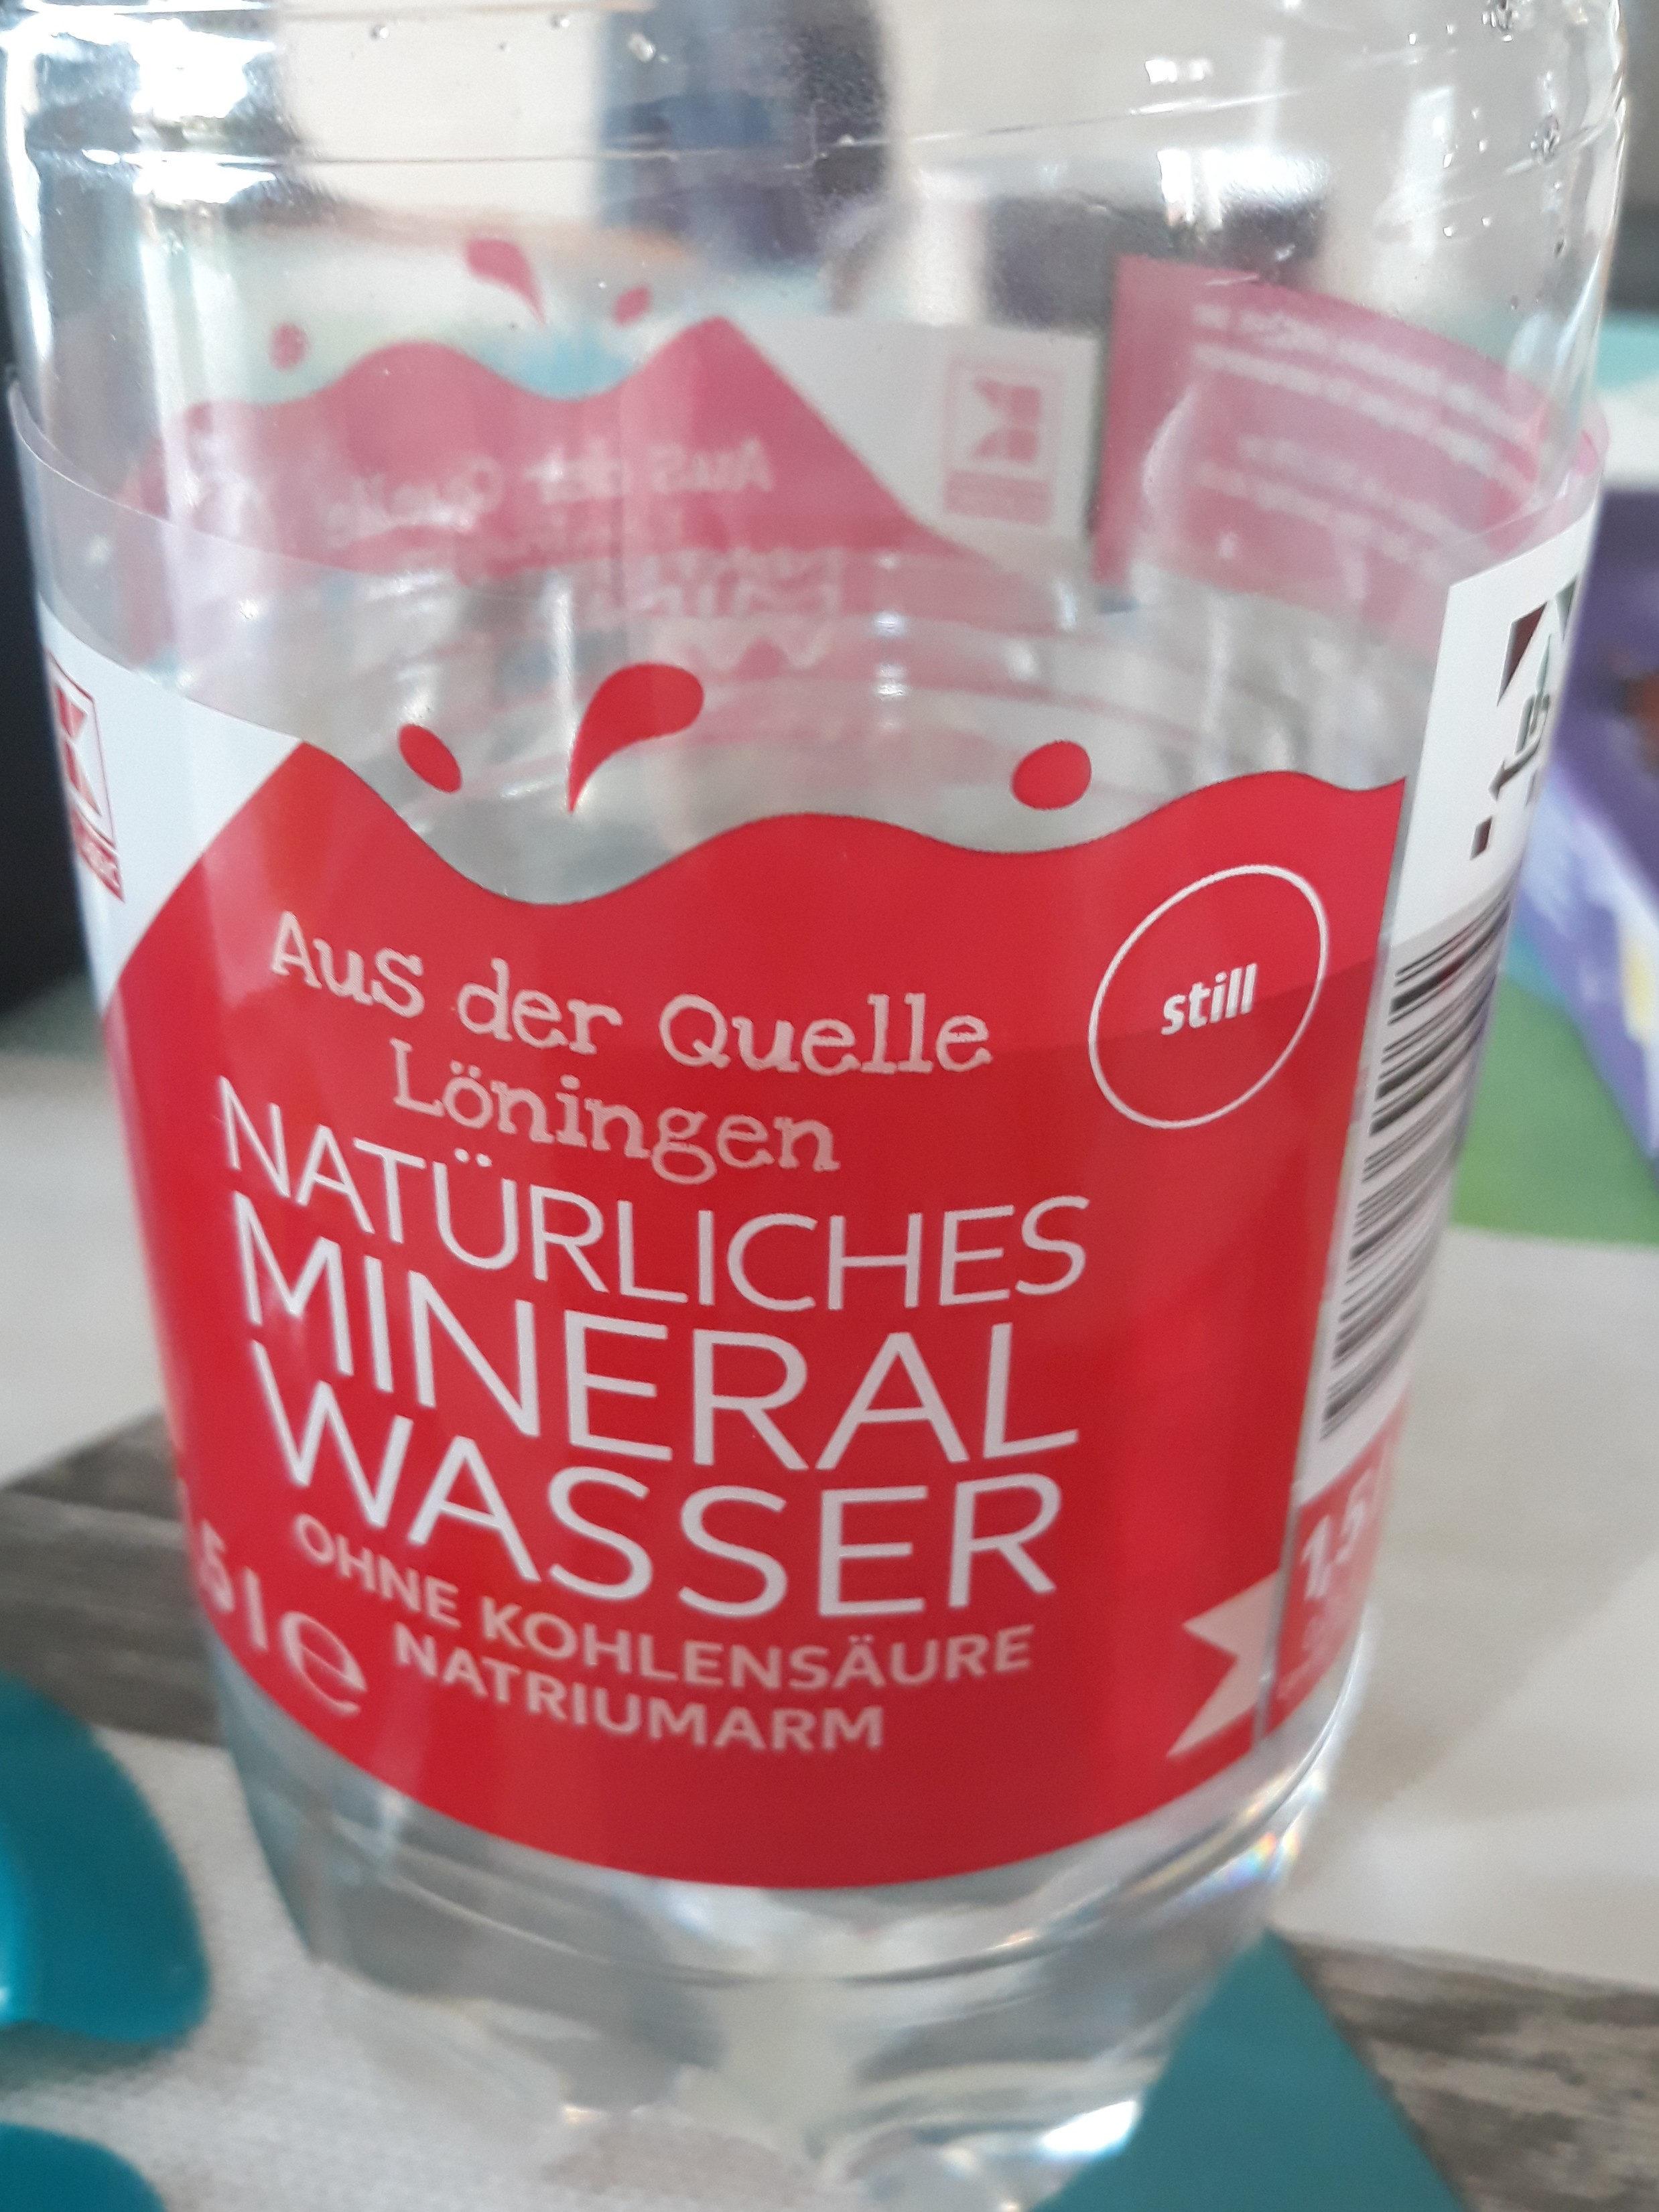 naturliches minéral wasser - Produit